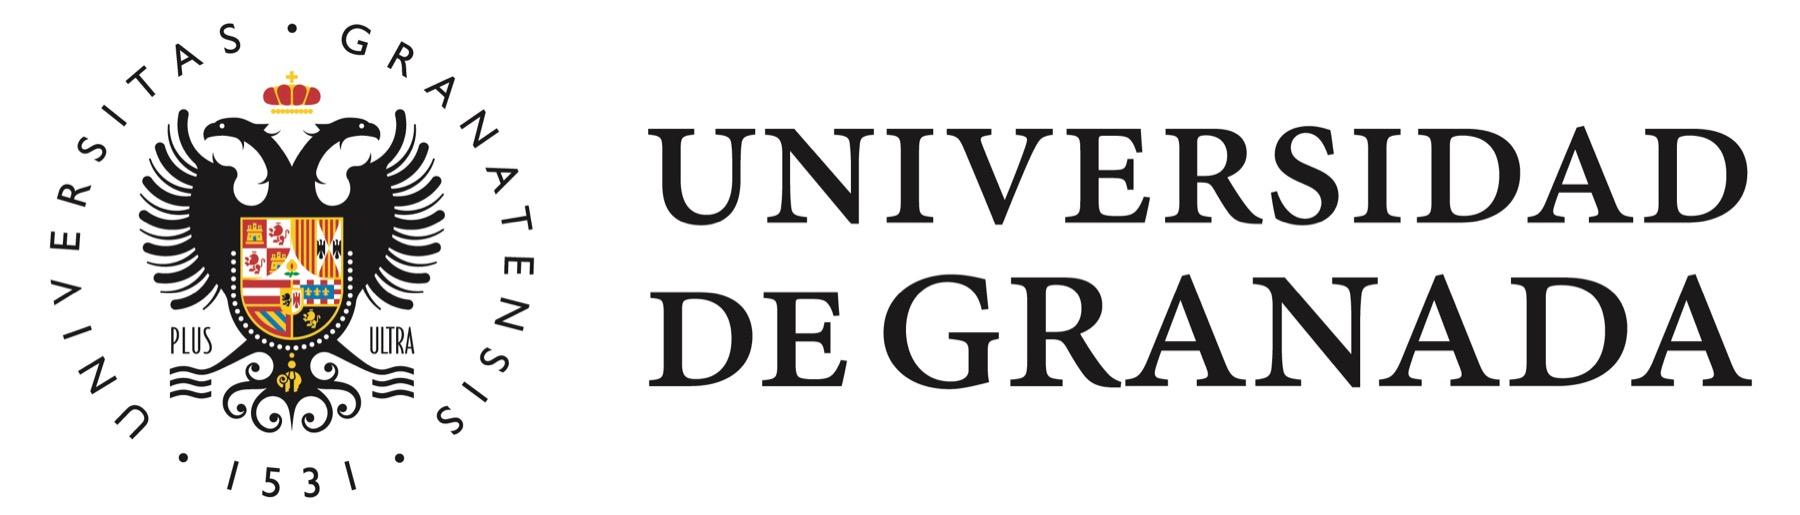 UGR-MARCA_UG